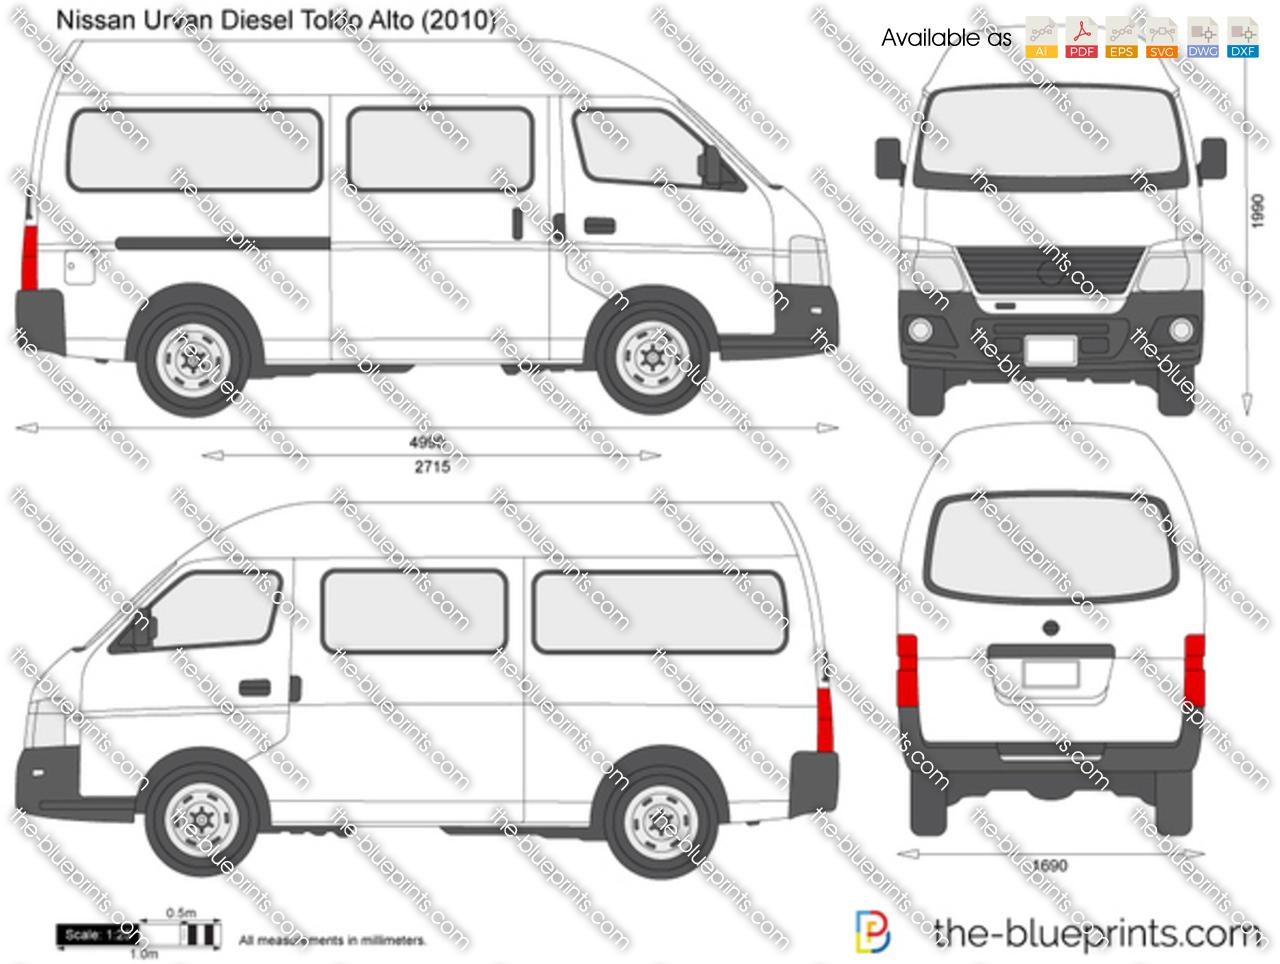 Nissan Urvan Diesel Toldo Alto 2015